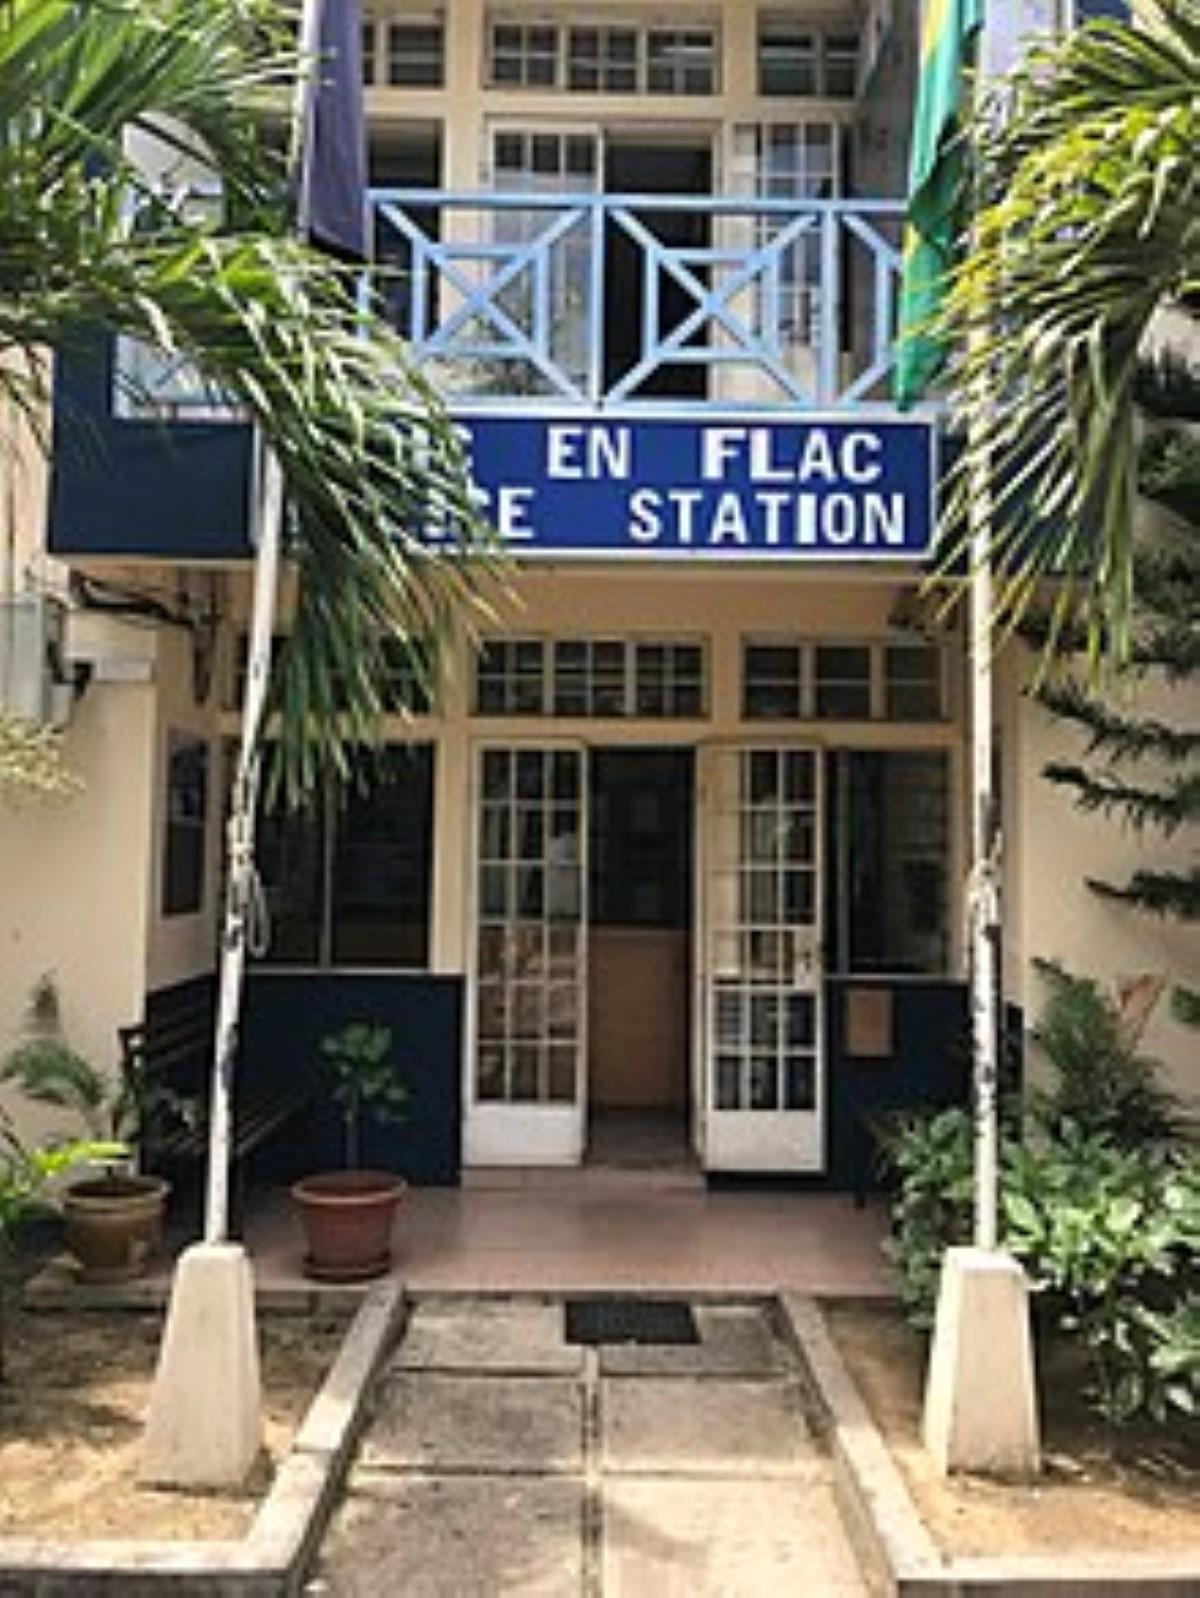 Meurtre à Flic-en-Flac: Un récidiviste connu des services de police arrêté